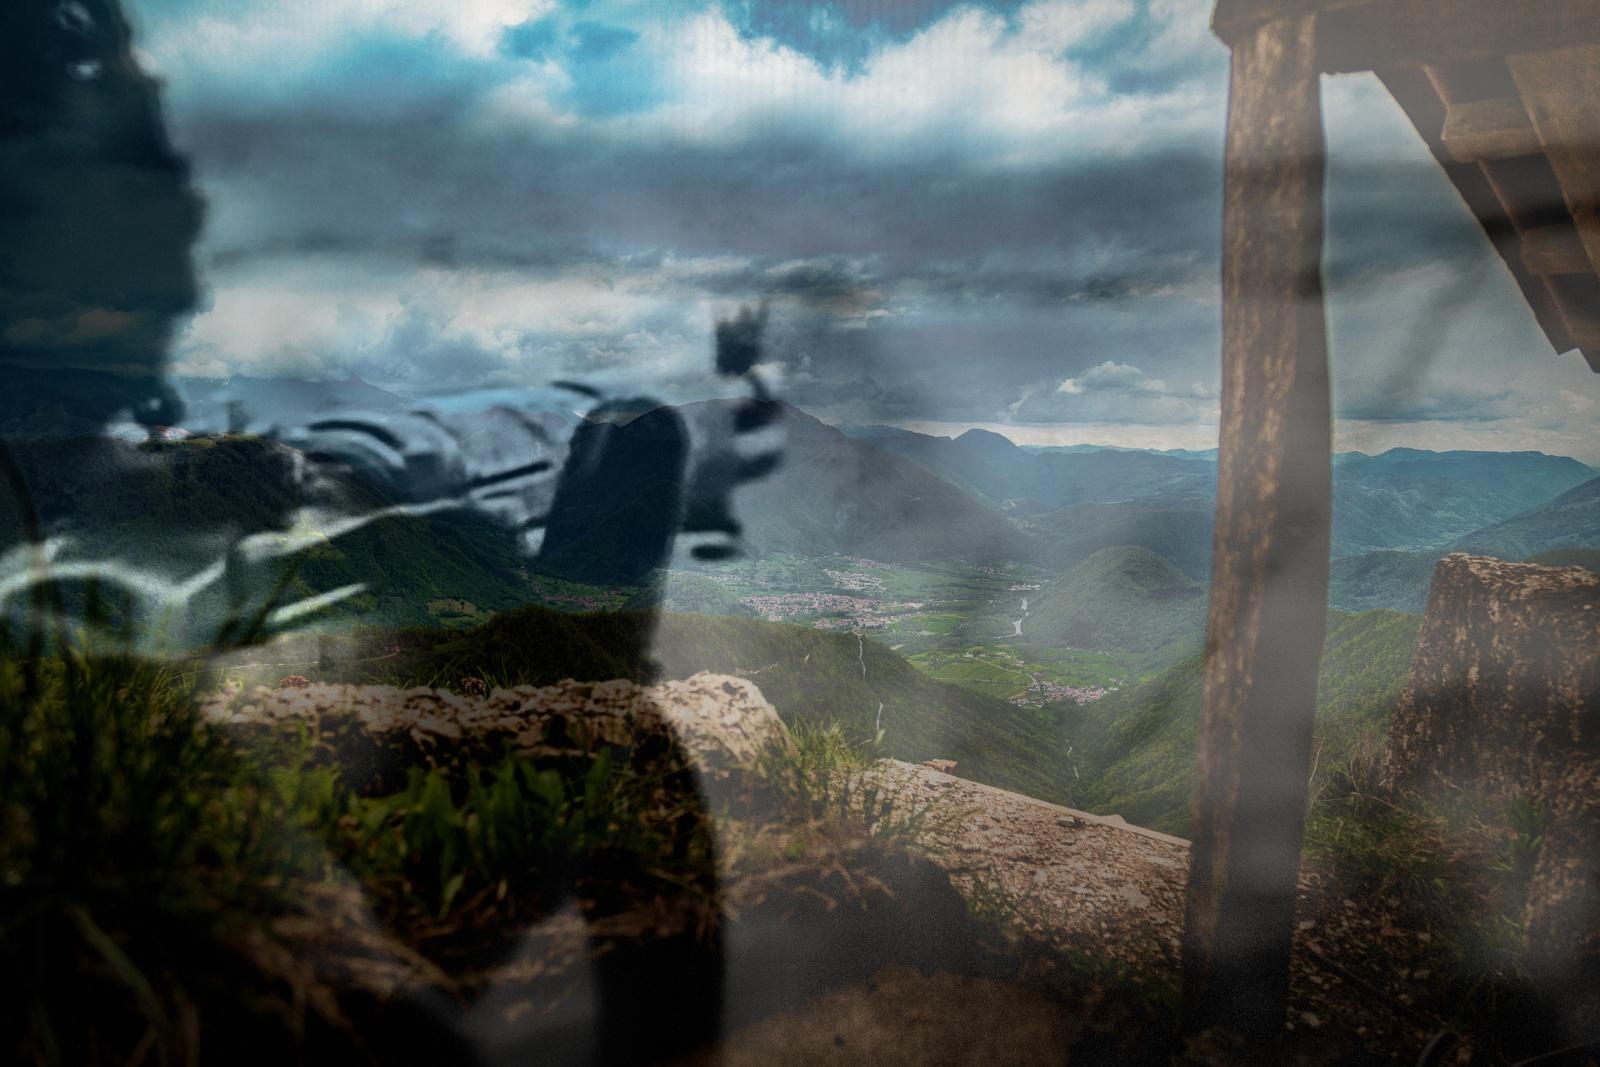 La memoria della battaglia nelle trincee sul confine italiano e sloveno, dove si è consumata la Disfatta di Caporetto con una strategia di posizione territoriale all'avanzata del nemico durante la prima guerra mondiale. © Danilo Tiussi.